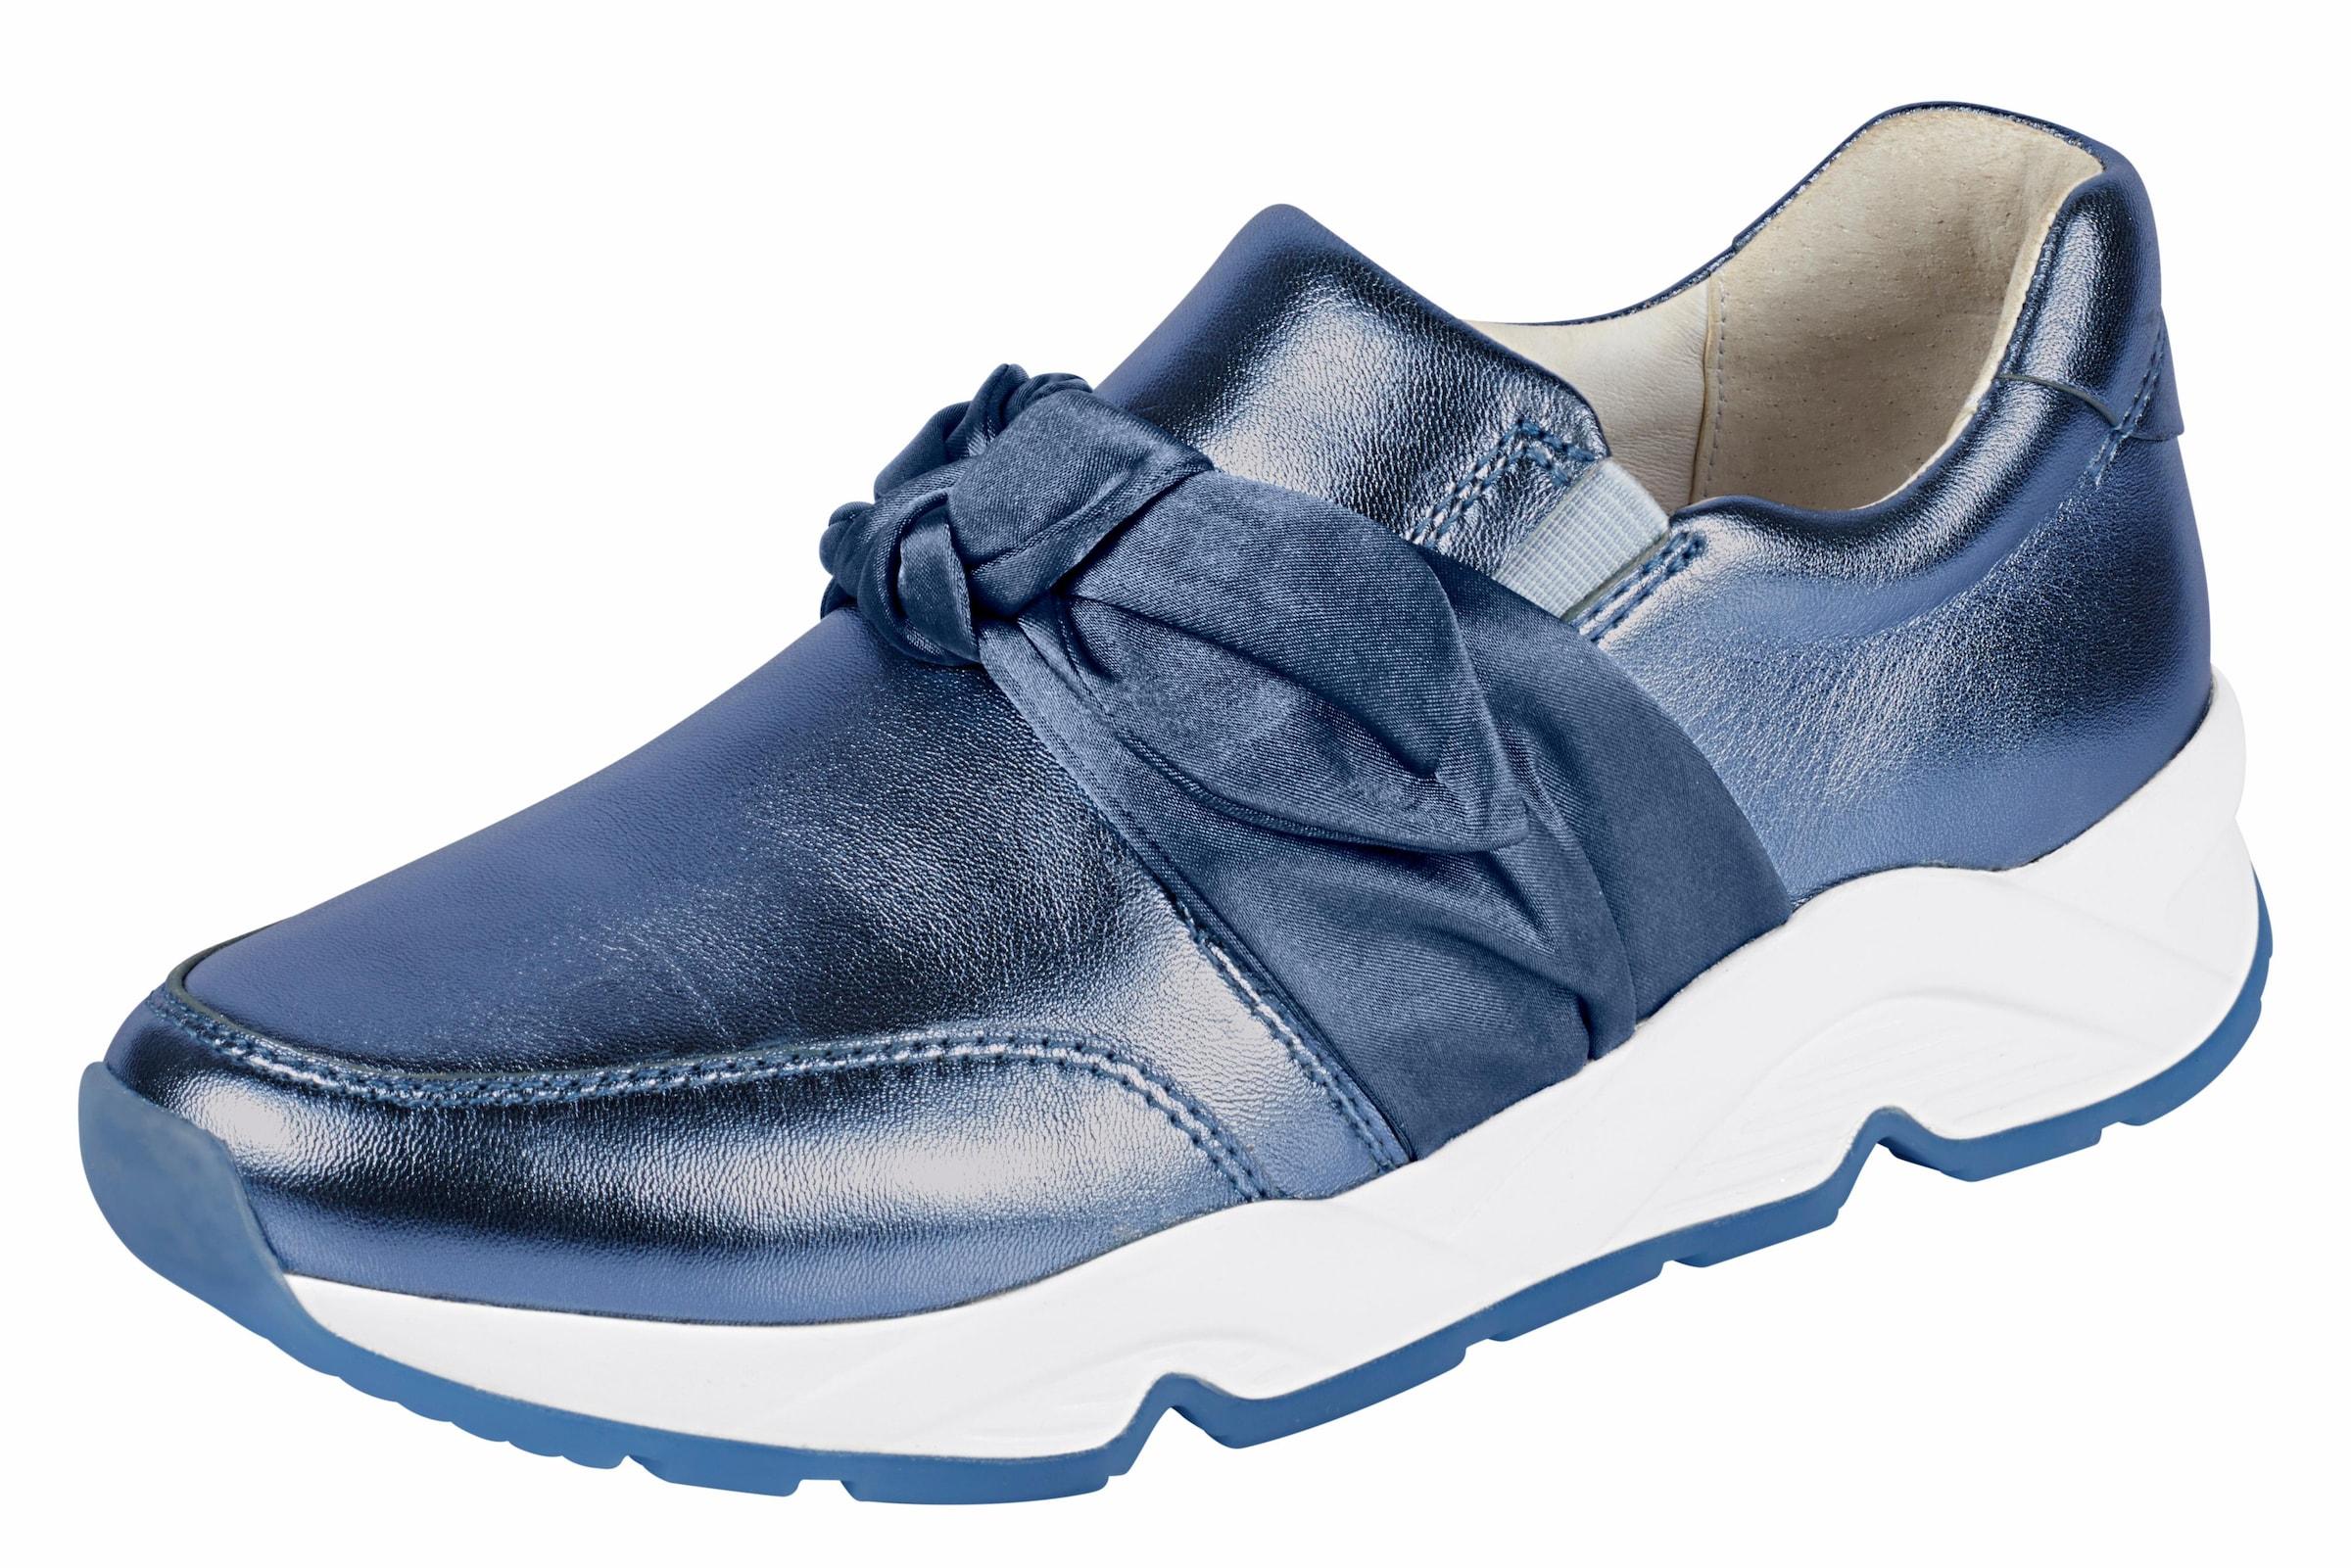 Cce104 Schuhe Verschleißfeste Qualität Gabor Hohe Billige Sneaker 34SjLcq5AR